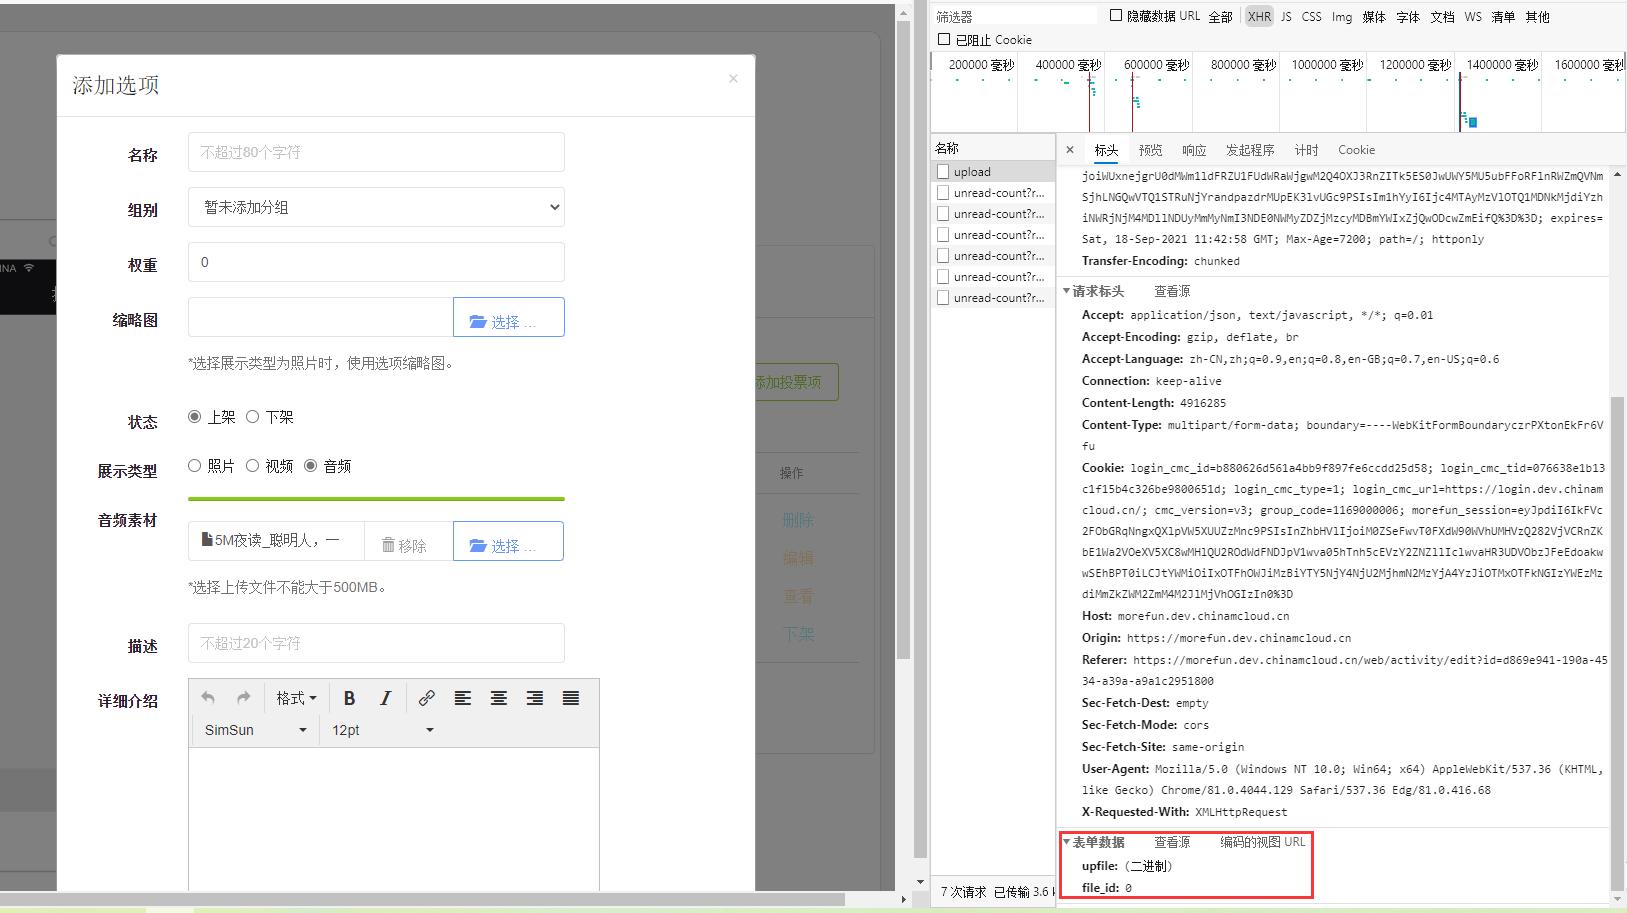 Bootstrap File Input 是一款非常优秀的HTML5文件上传插件,支持文件预览、多选等一系列特性。基于 Bootstrap File Input v4.3.2 上传文件时,现有参数:upfile、file_id。